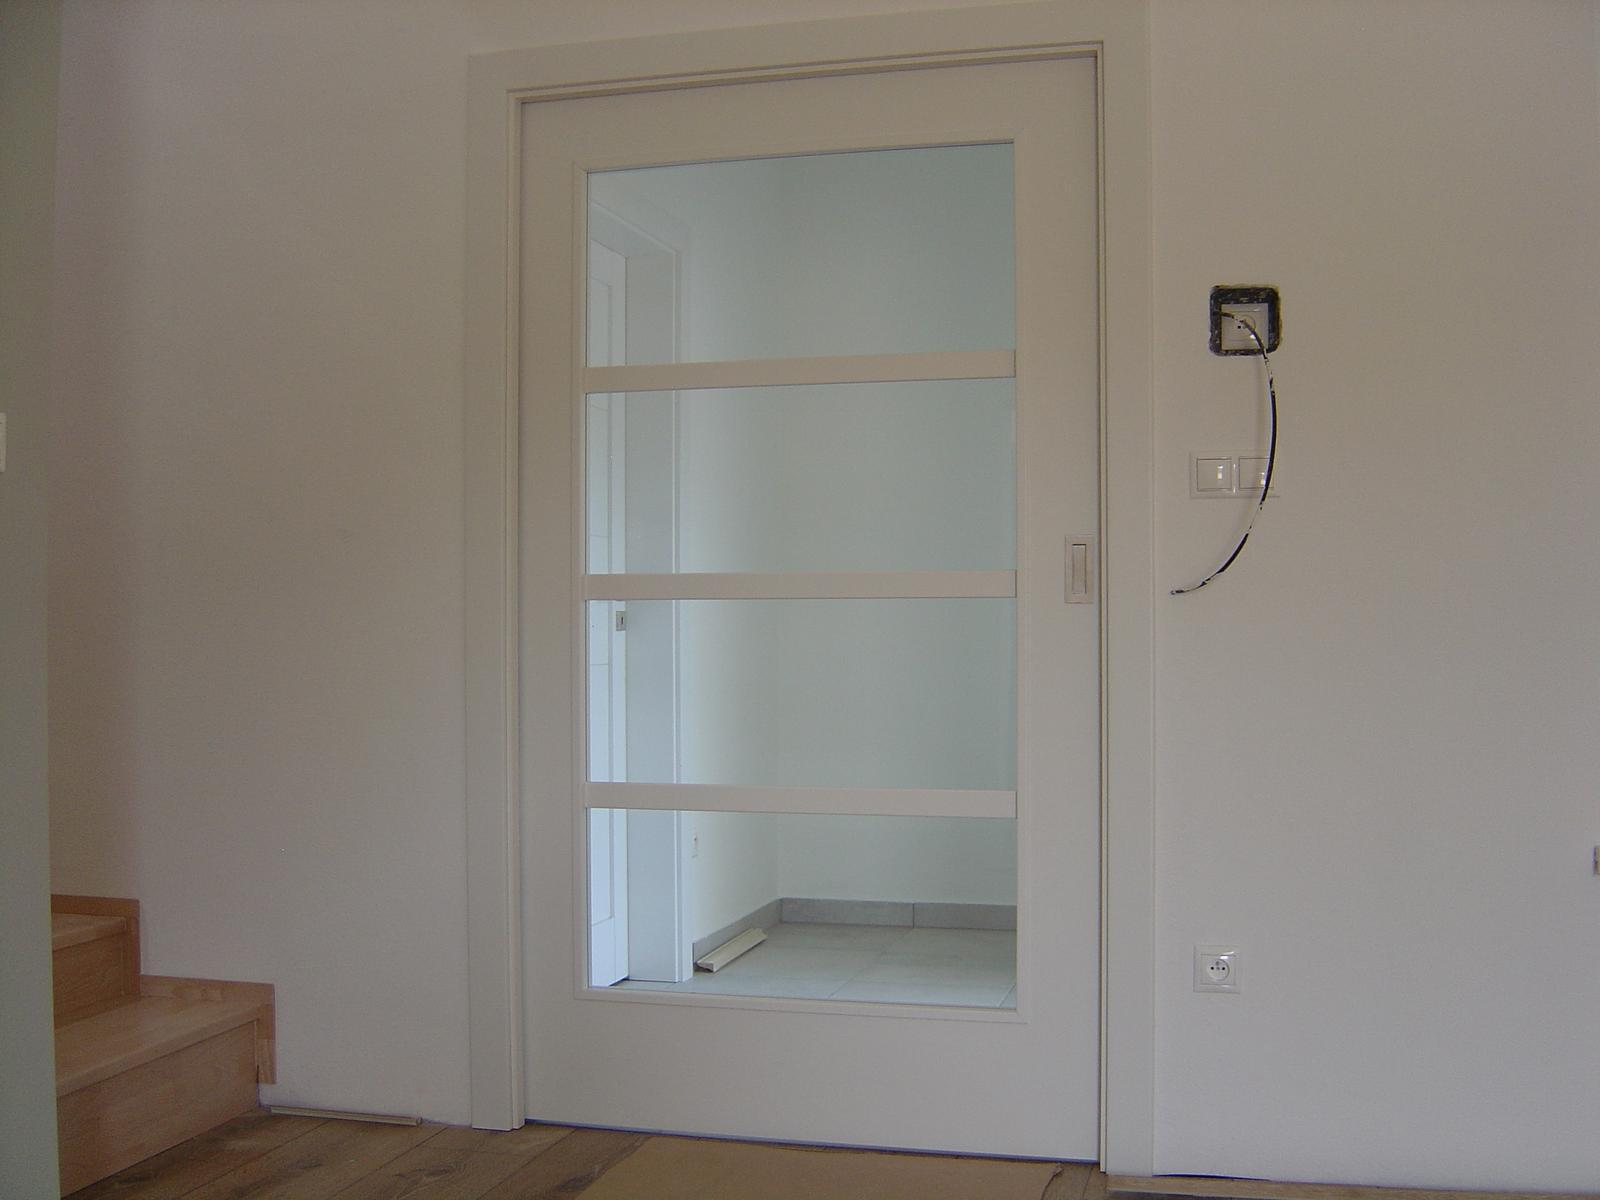 SAPELI Mera + Elegant, CPL biela hladká - Obrázok č. 2